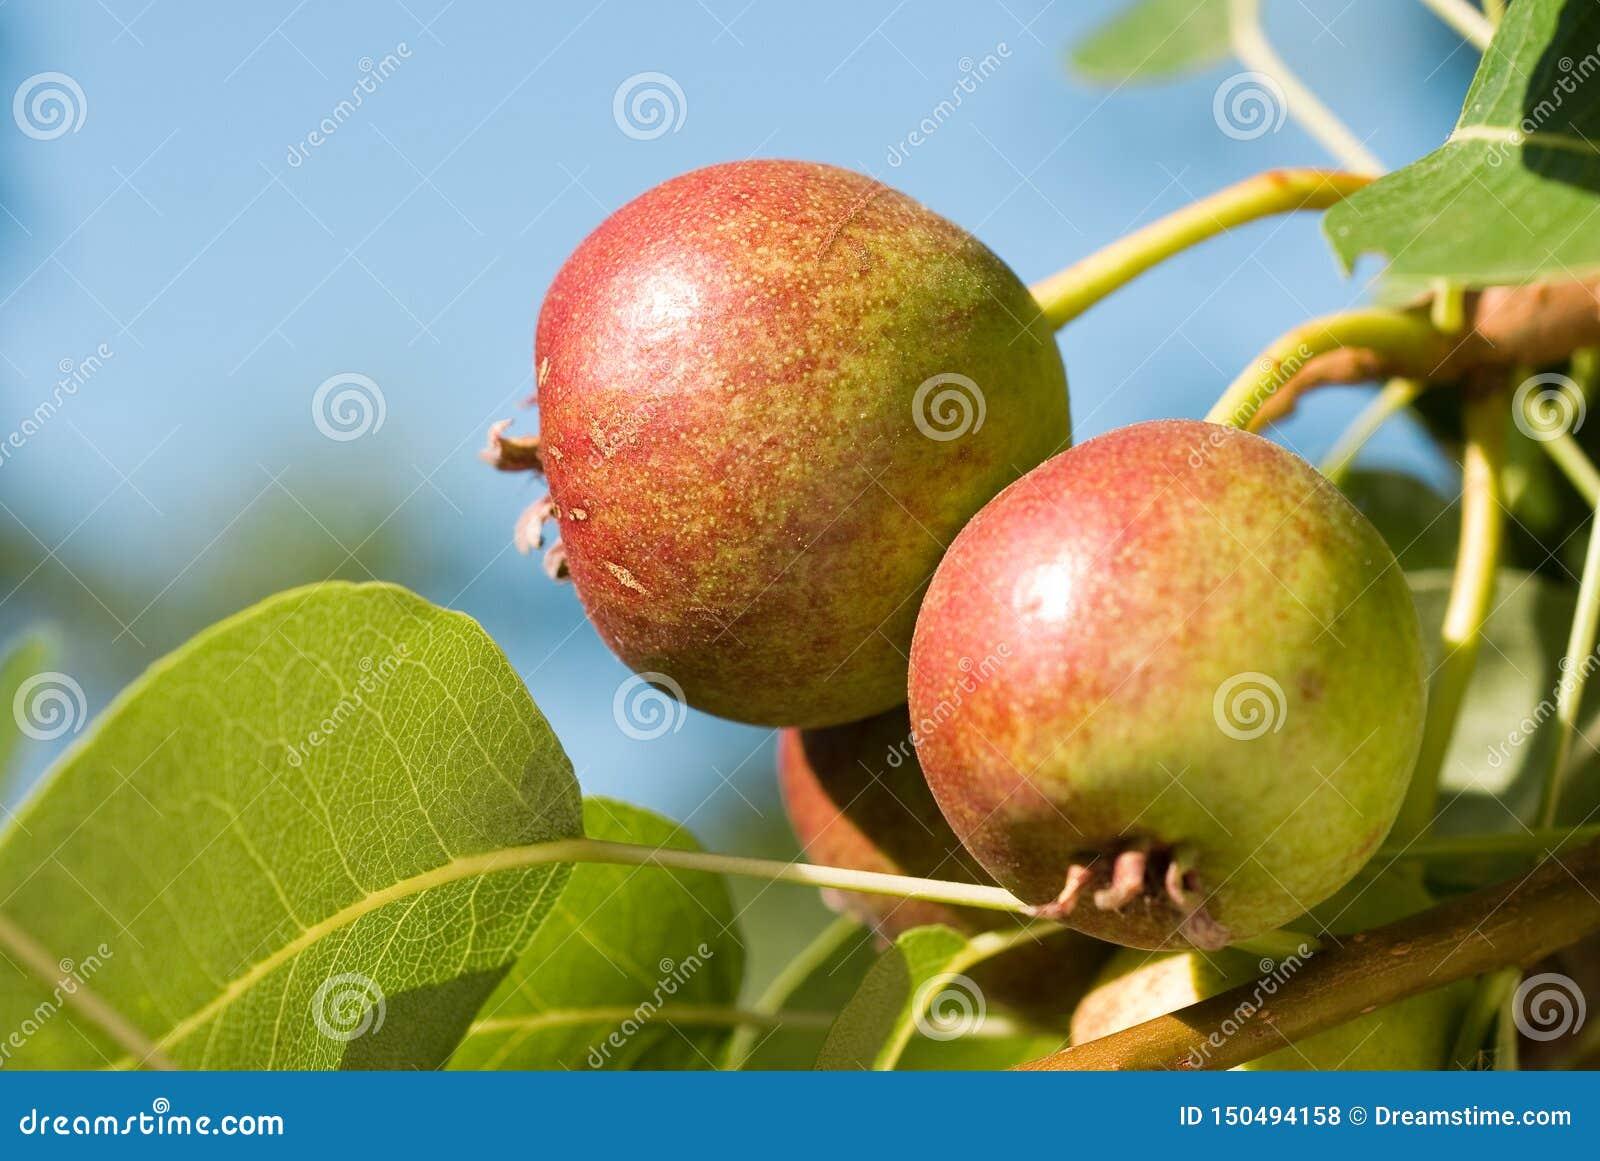 Μικρά αχλάδια στον κλάδο δέντρων Unripe αχλάδια στο δέντρο Αχλάδια στον κήπο Θερινά φρούτα